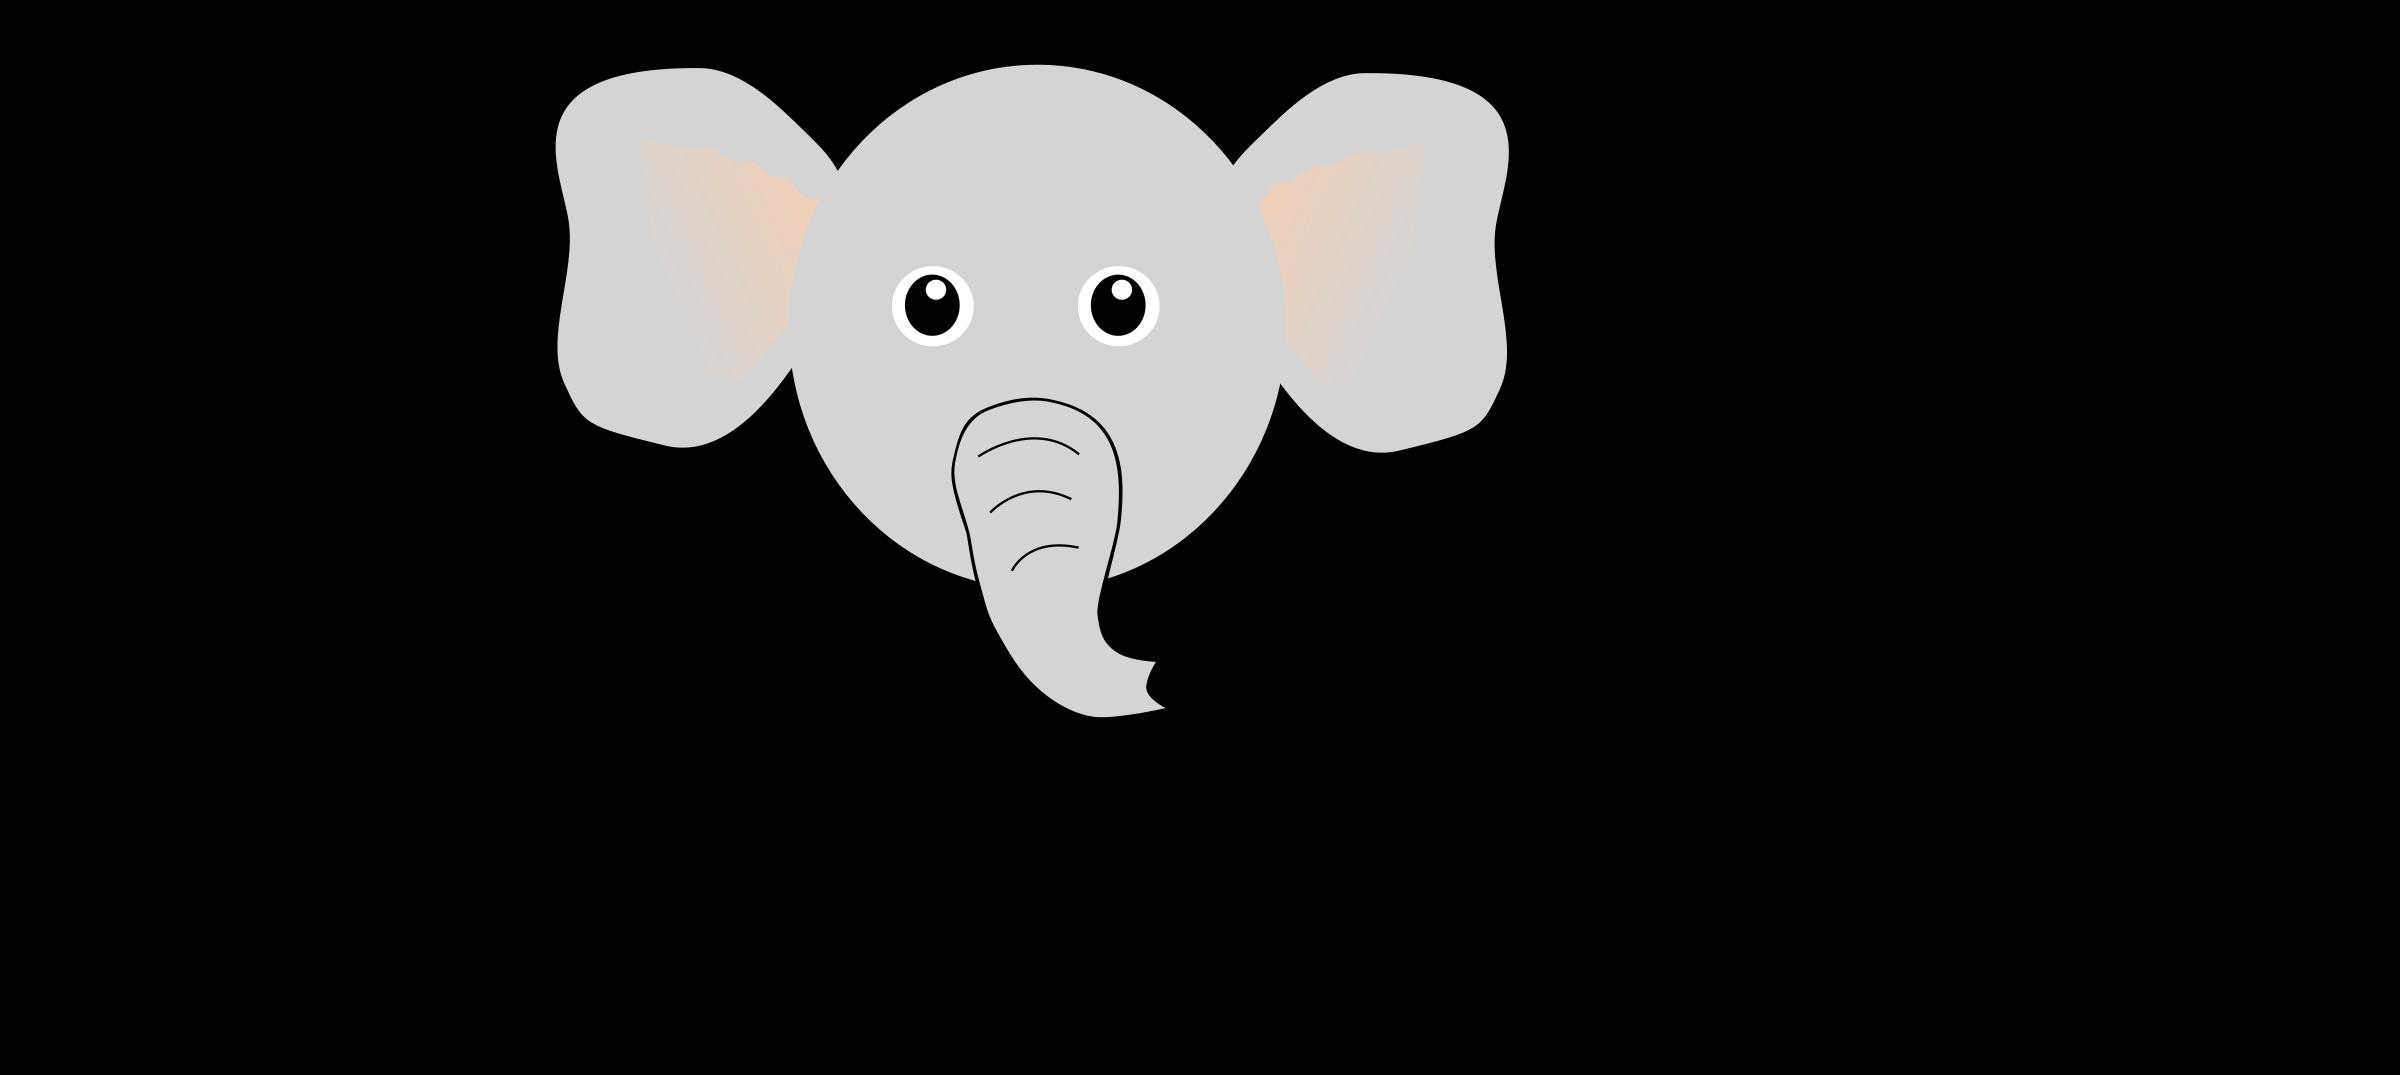 For. E clipart elephant